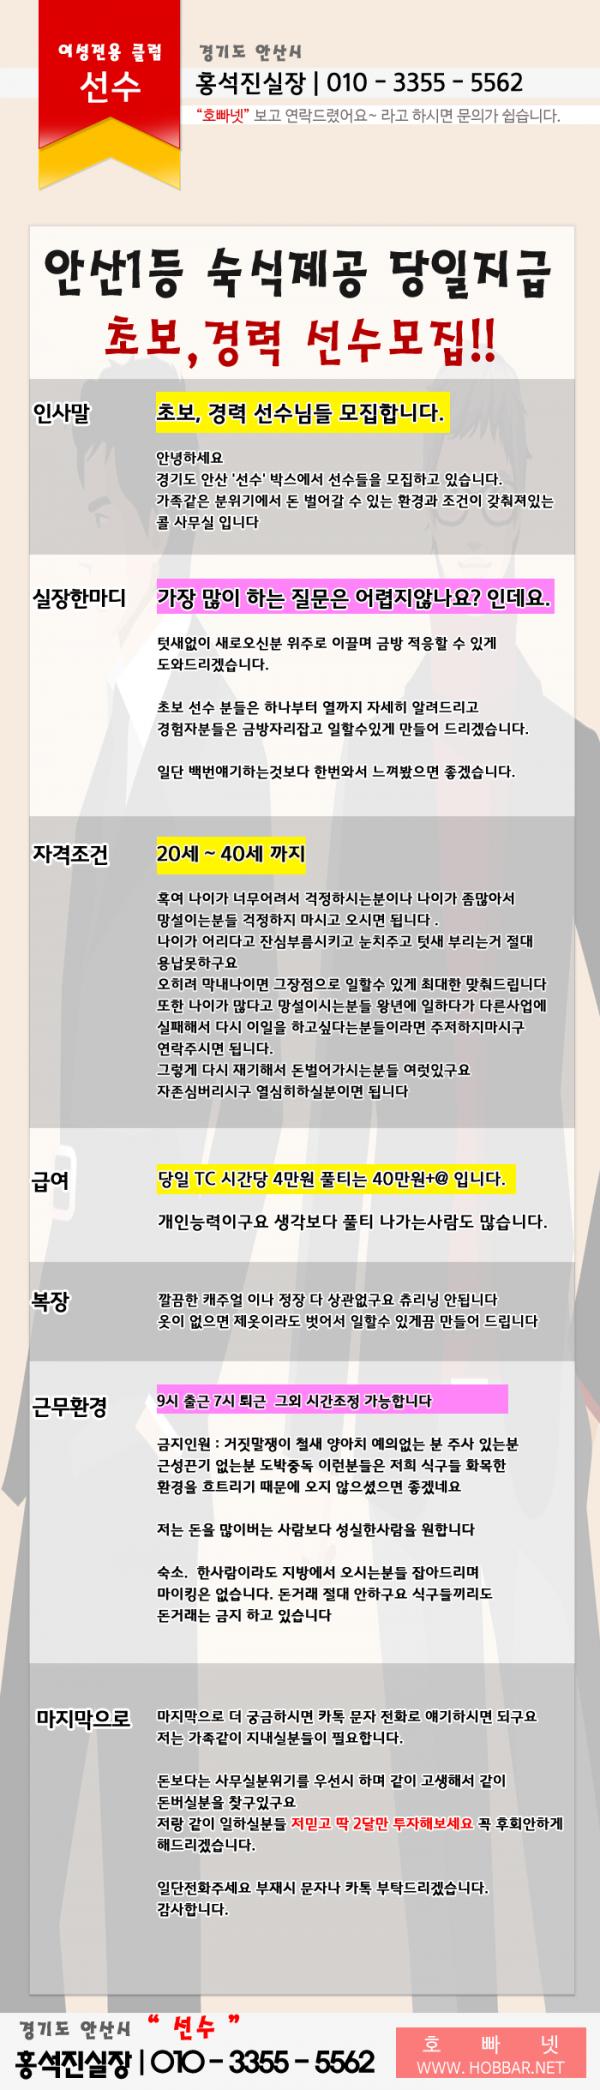 안산 호스트바 선수.png